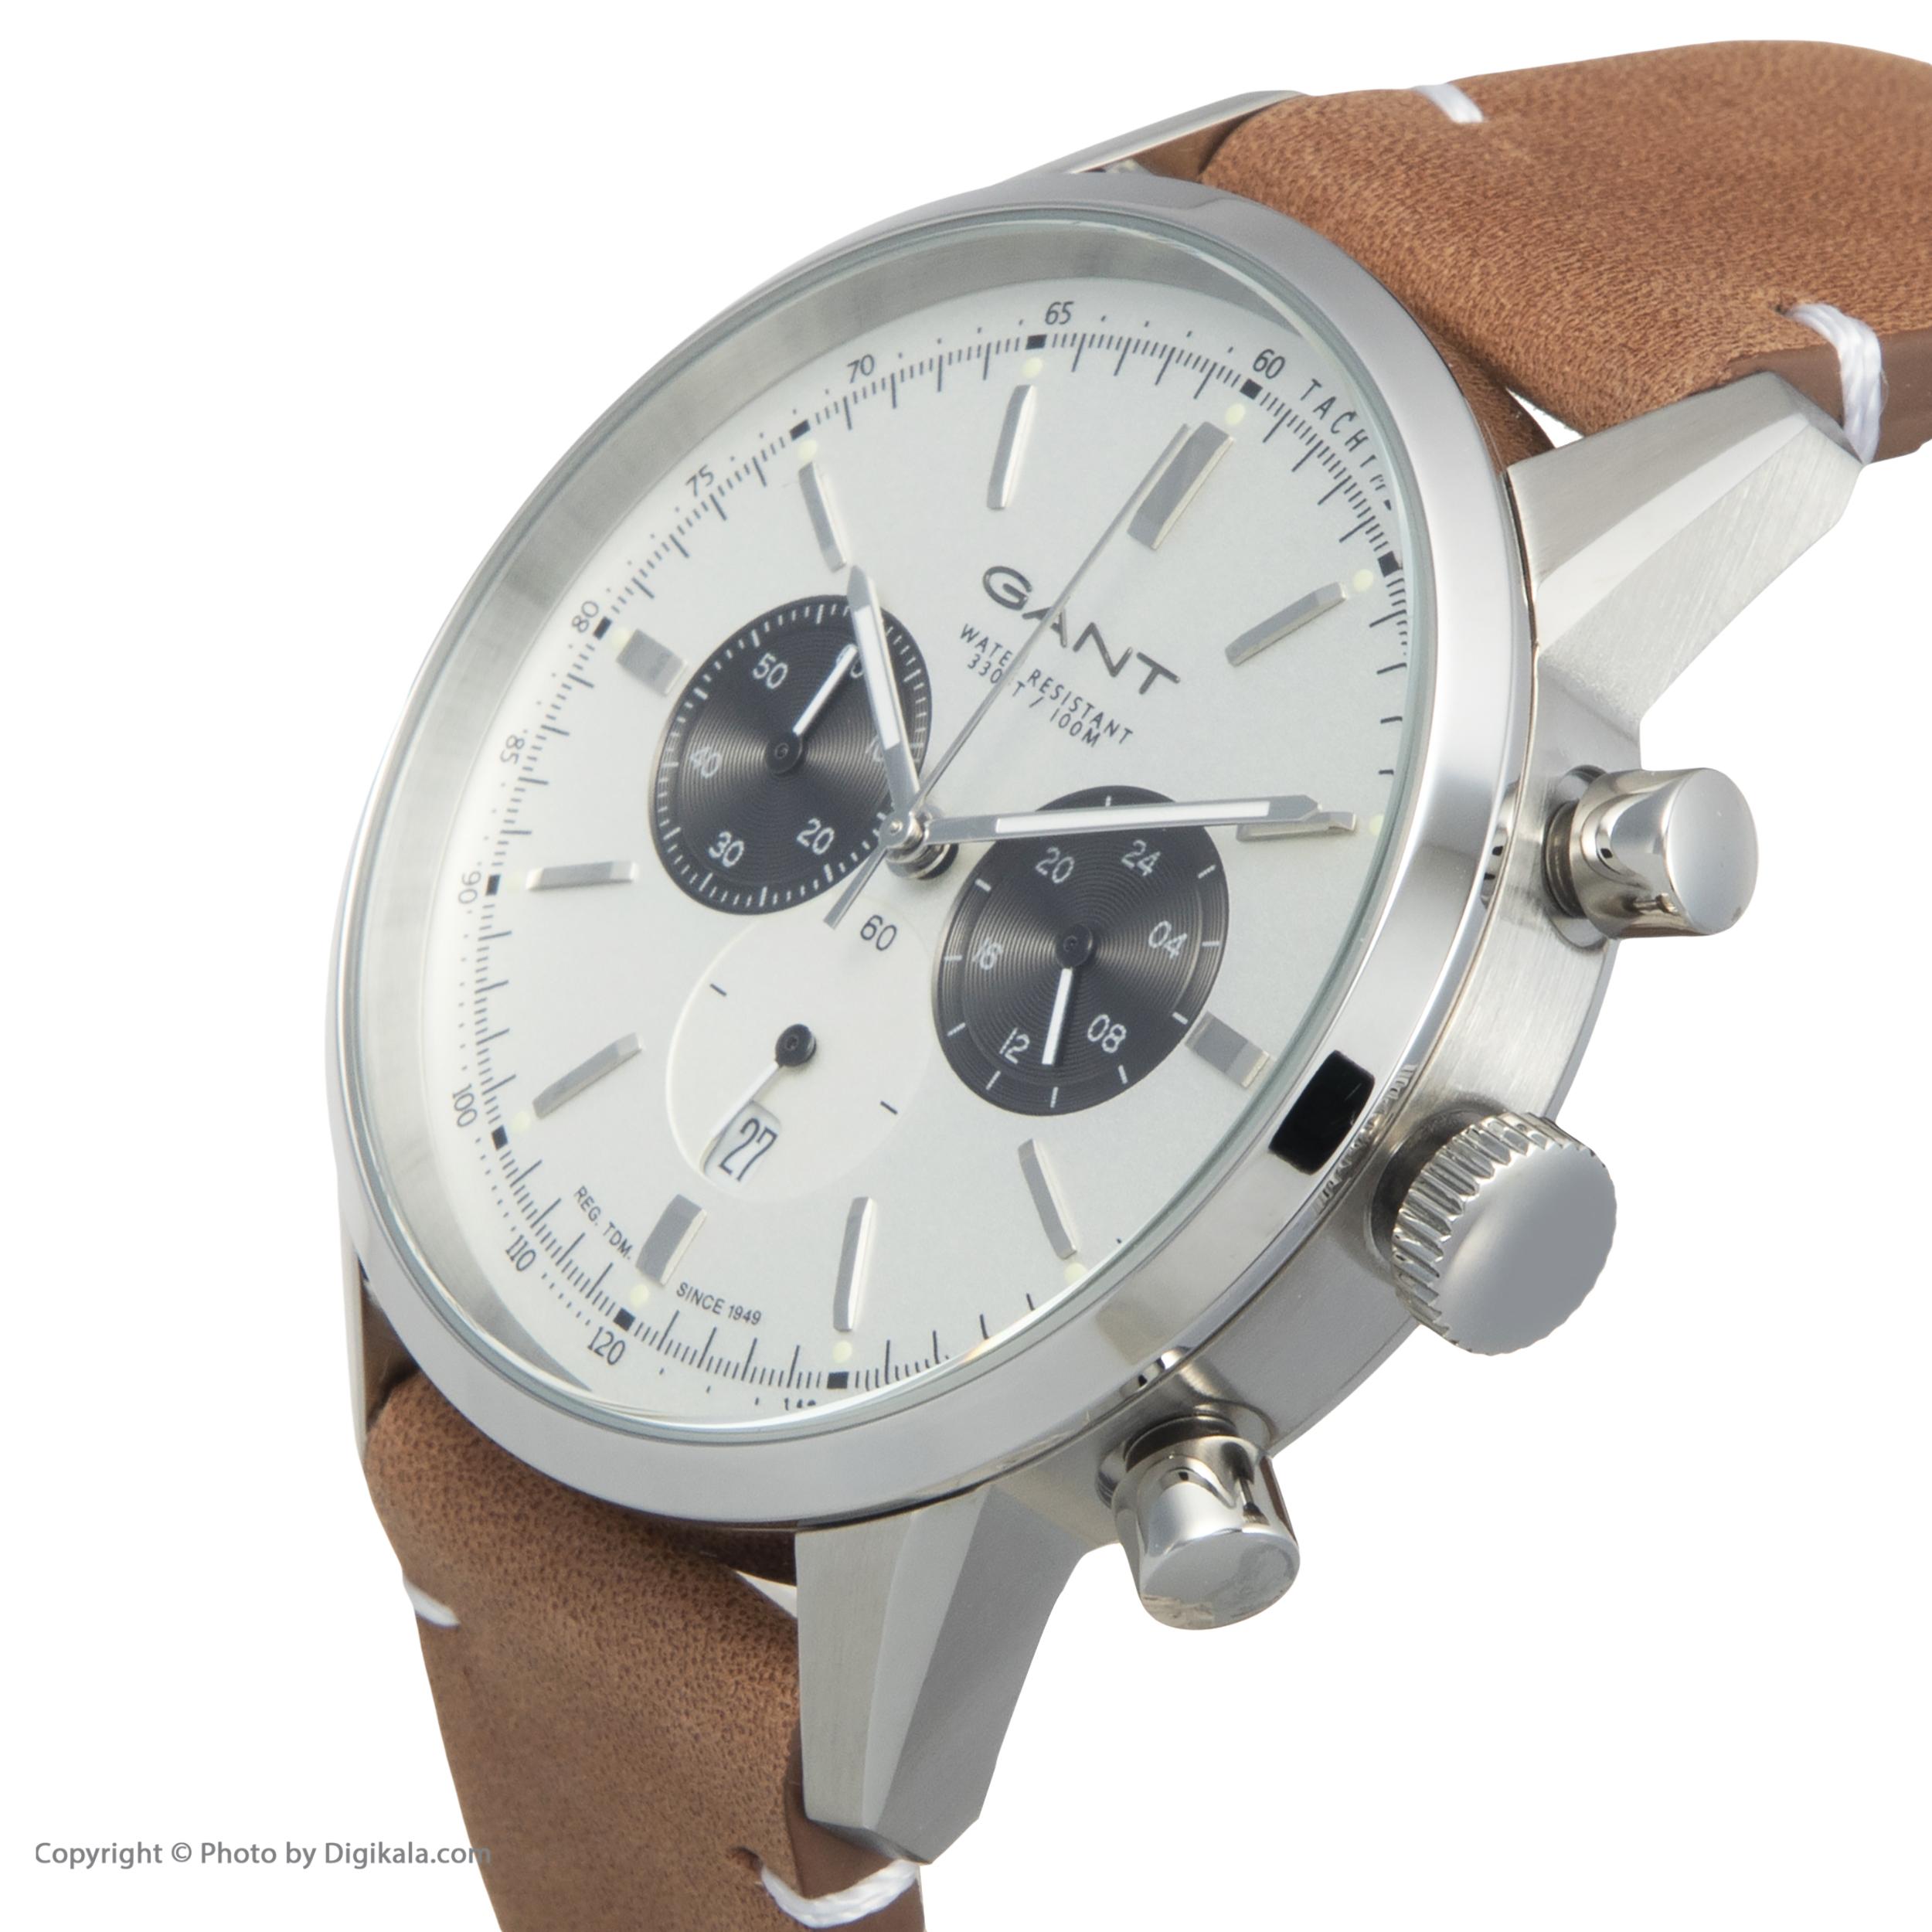 ساعت مچی عقربه ای مردانه گنت مدل GWW064001 -  - 5